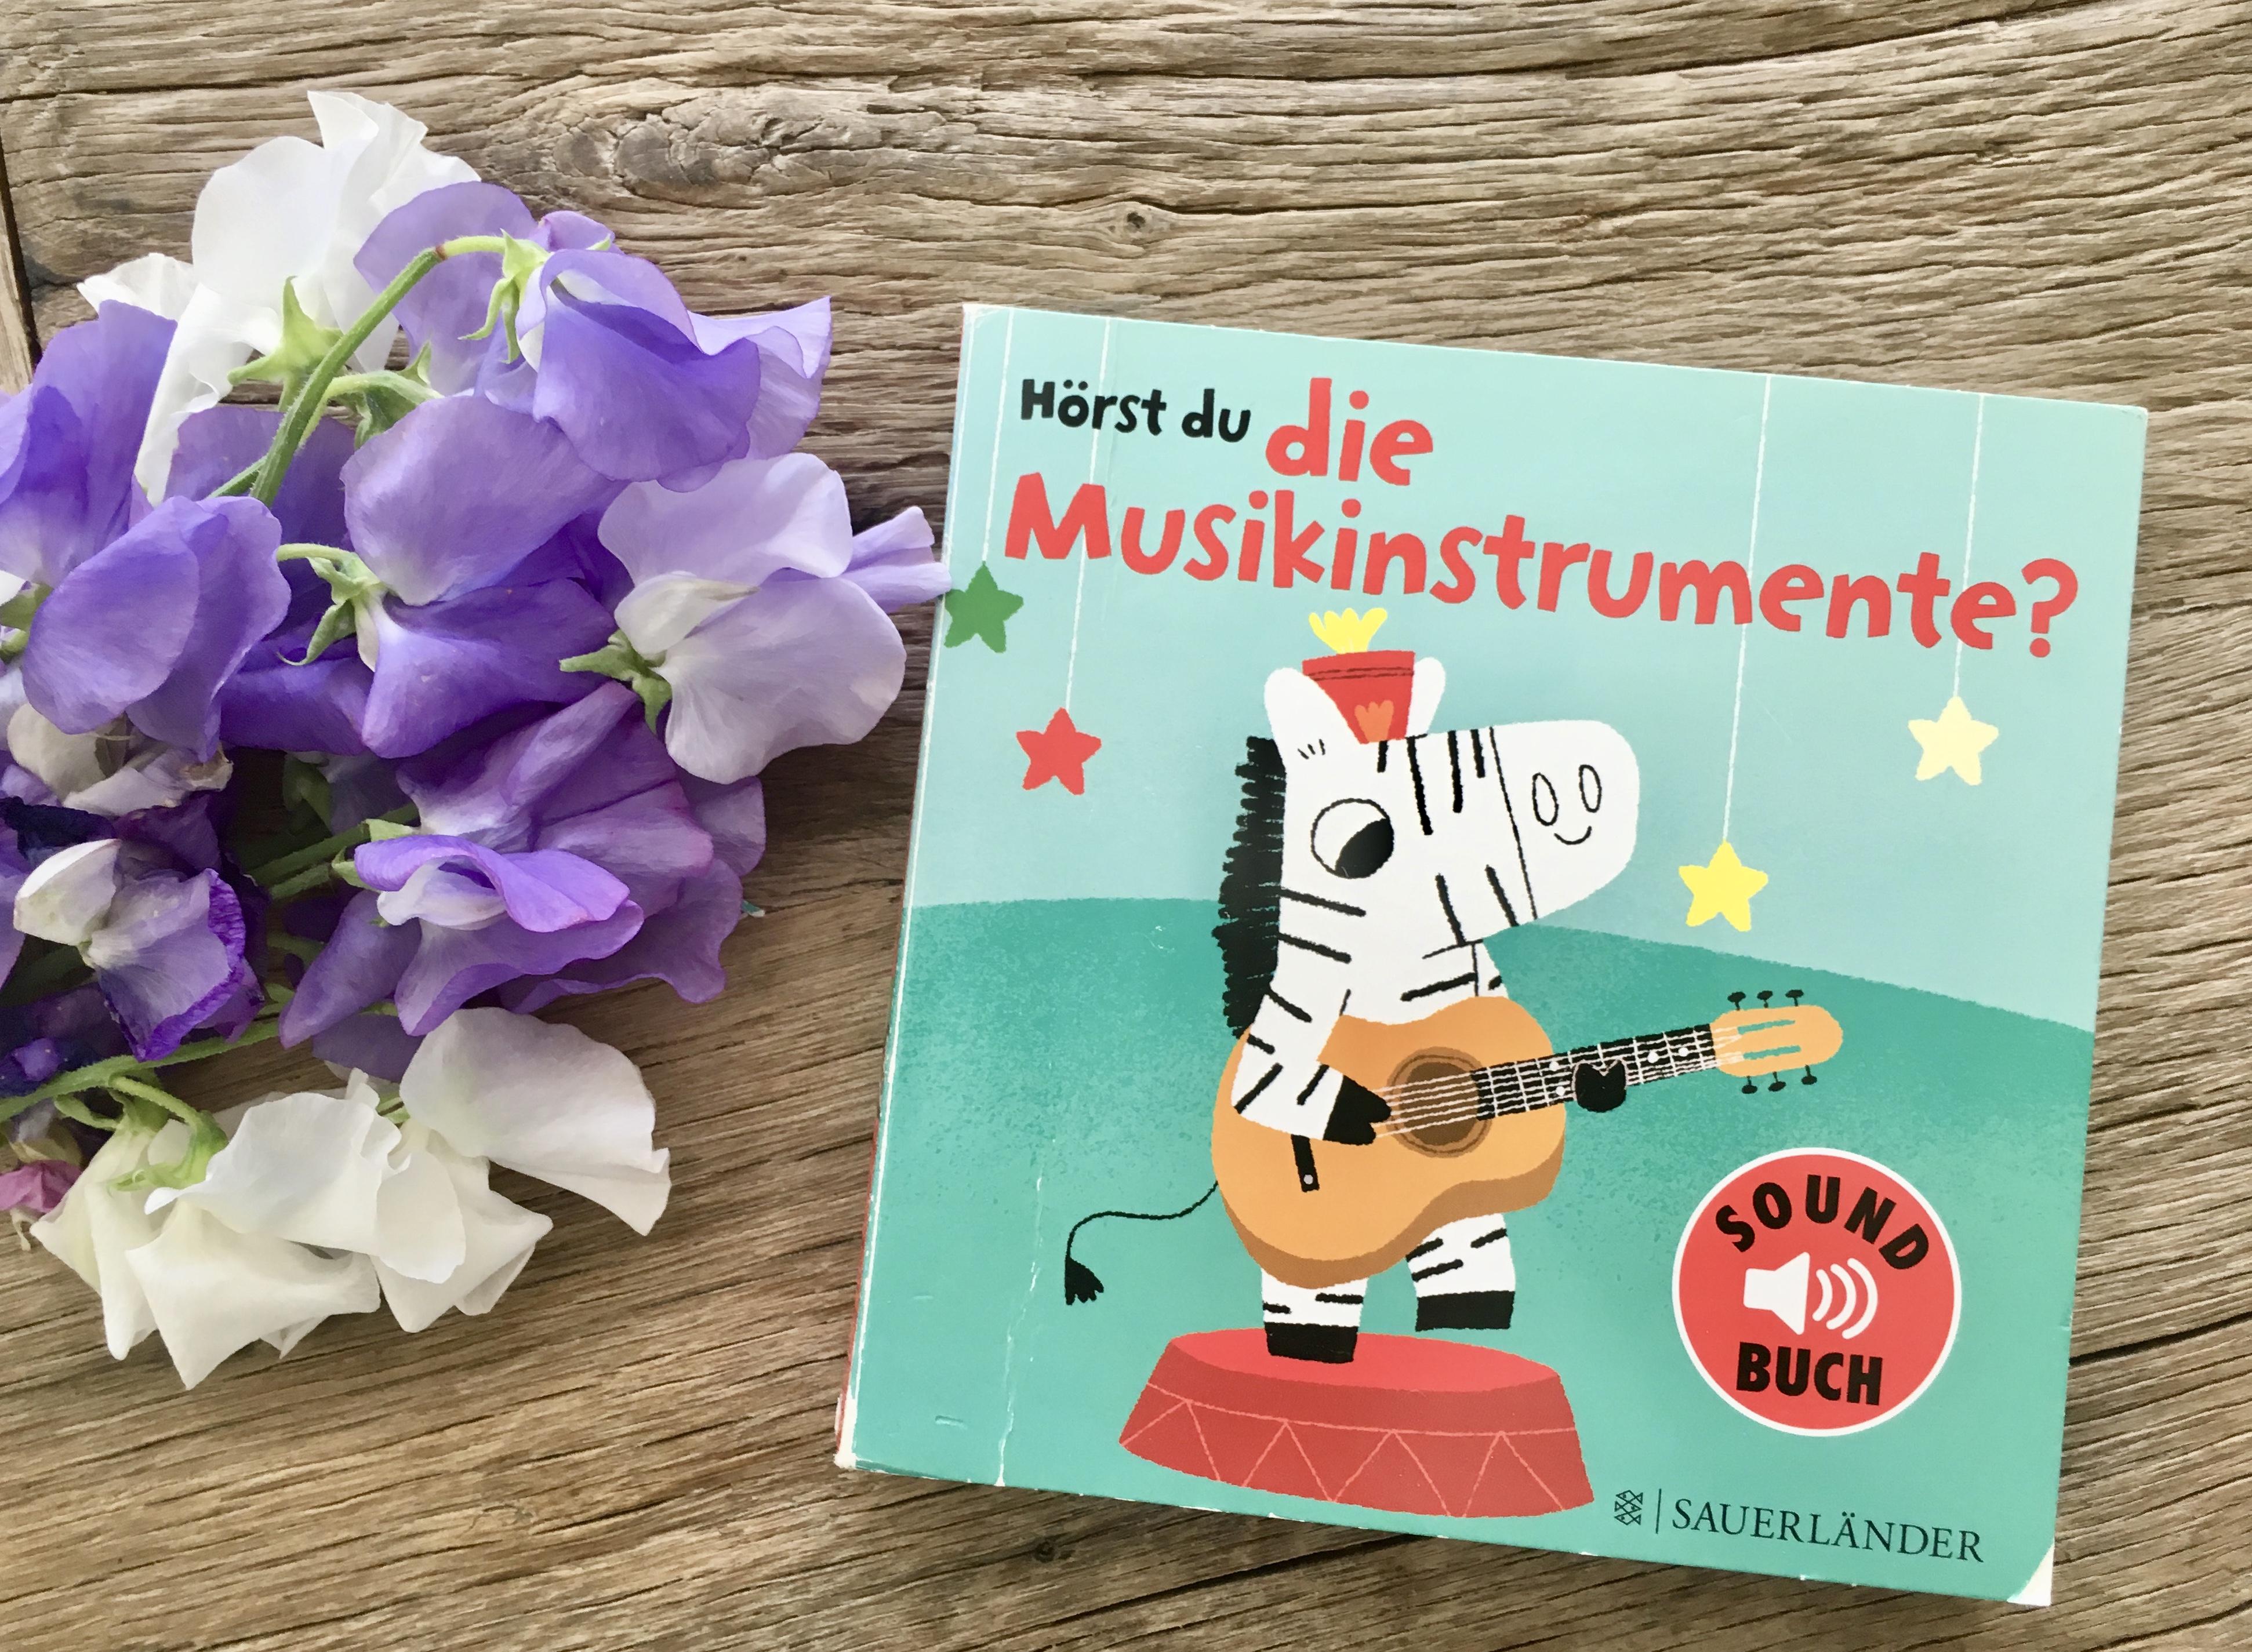 Hörst du die Musikinstrumente? von Marion Billet (Illustration)